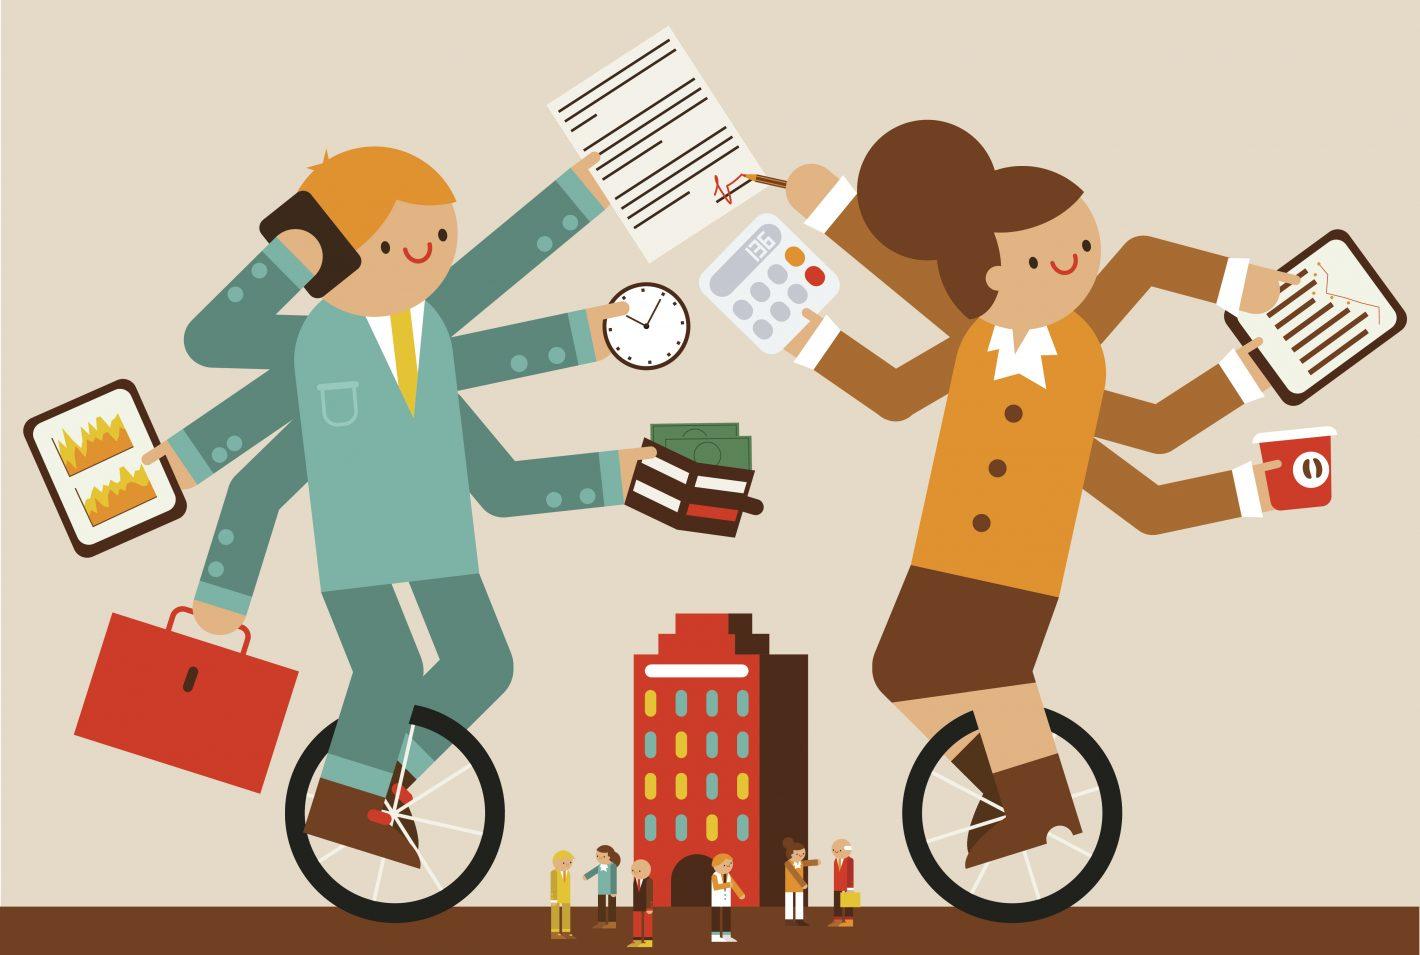 3-dicas-para-organizar-melhor-o-seu-dia